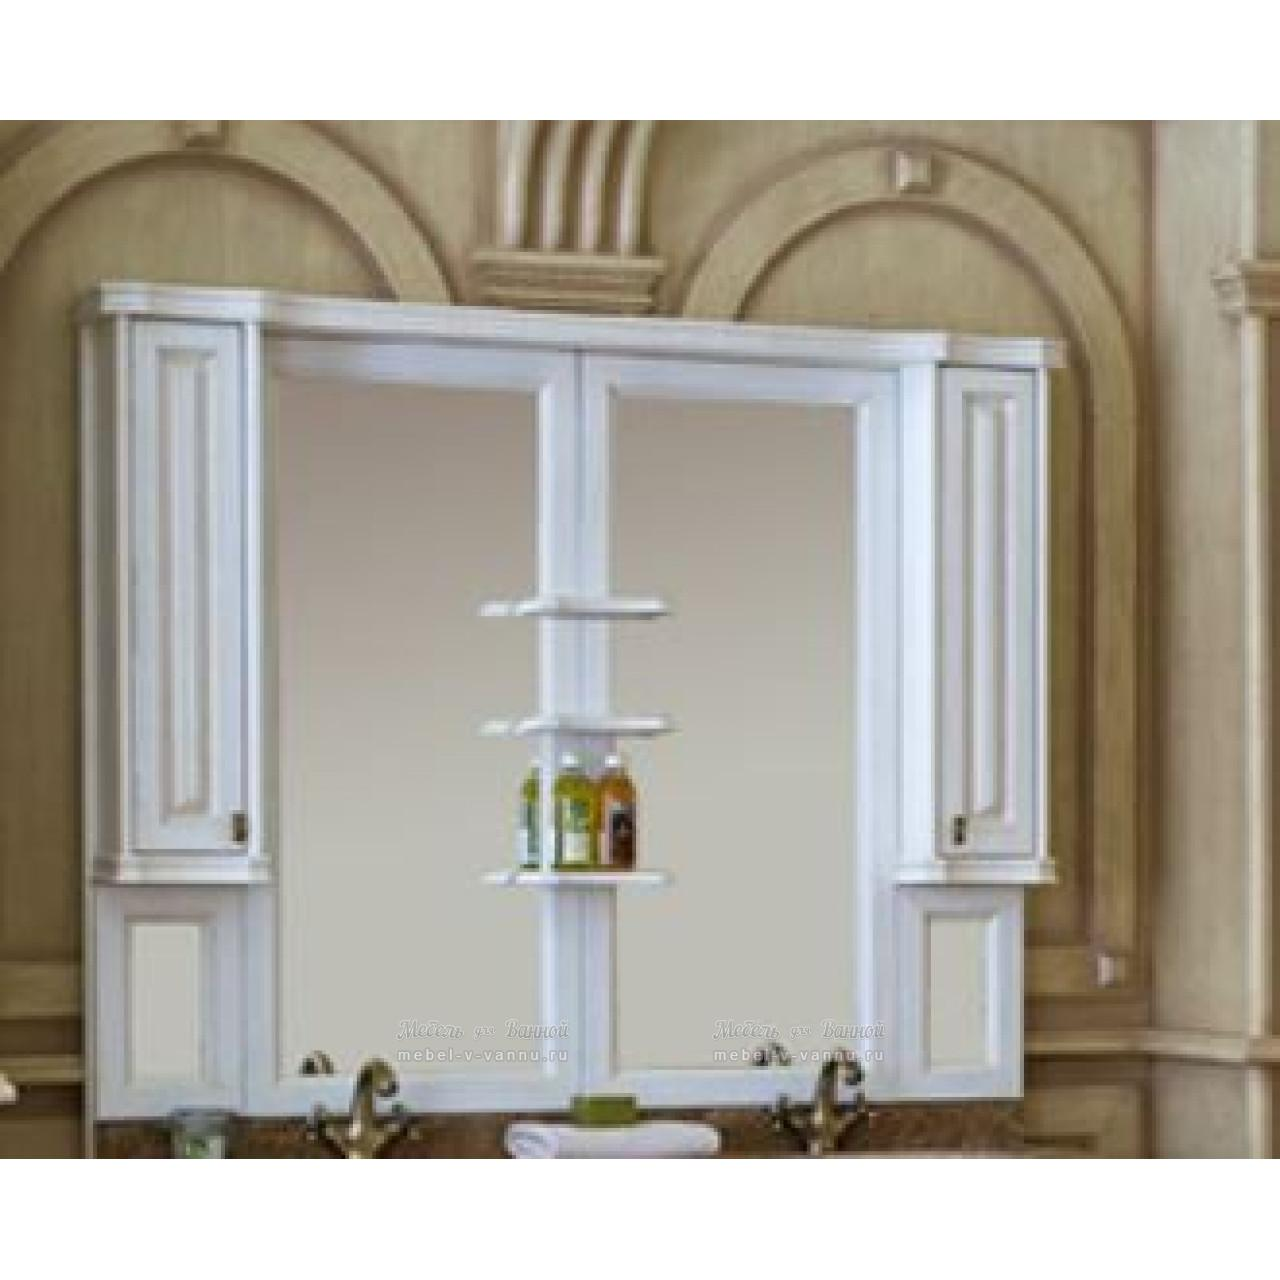 Зеркало-шкаф Аллигатор Классик 160 на столешнице купить в Москве по цене от 65900р. в интернет-магазине mebel-v-vannu.ru